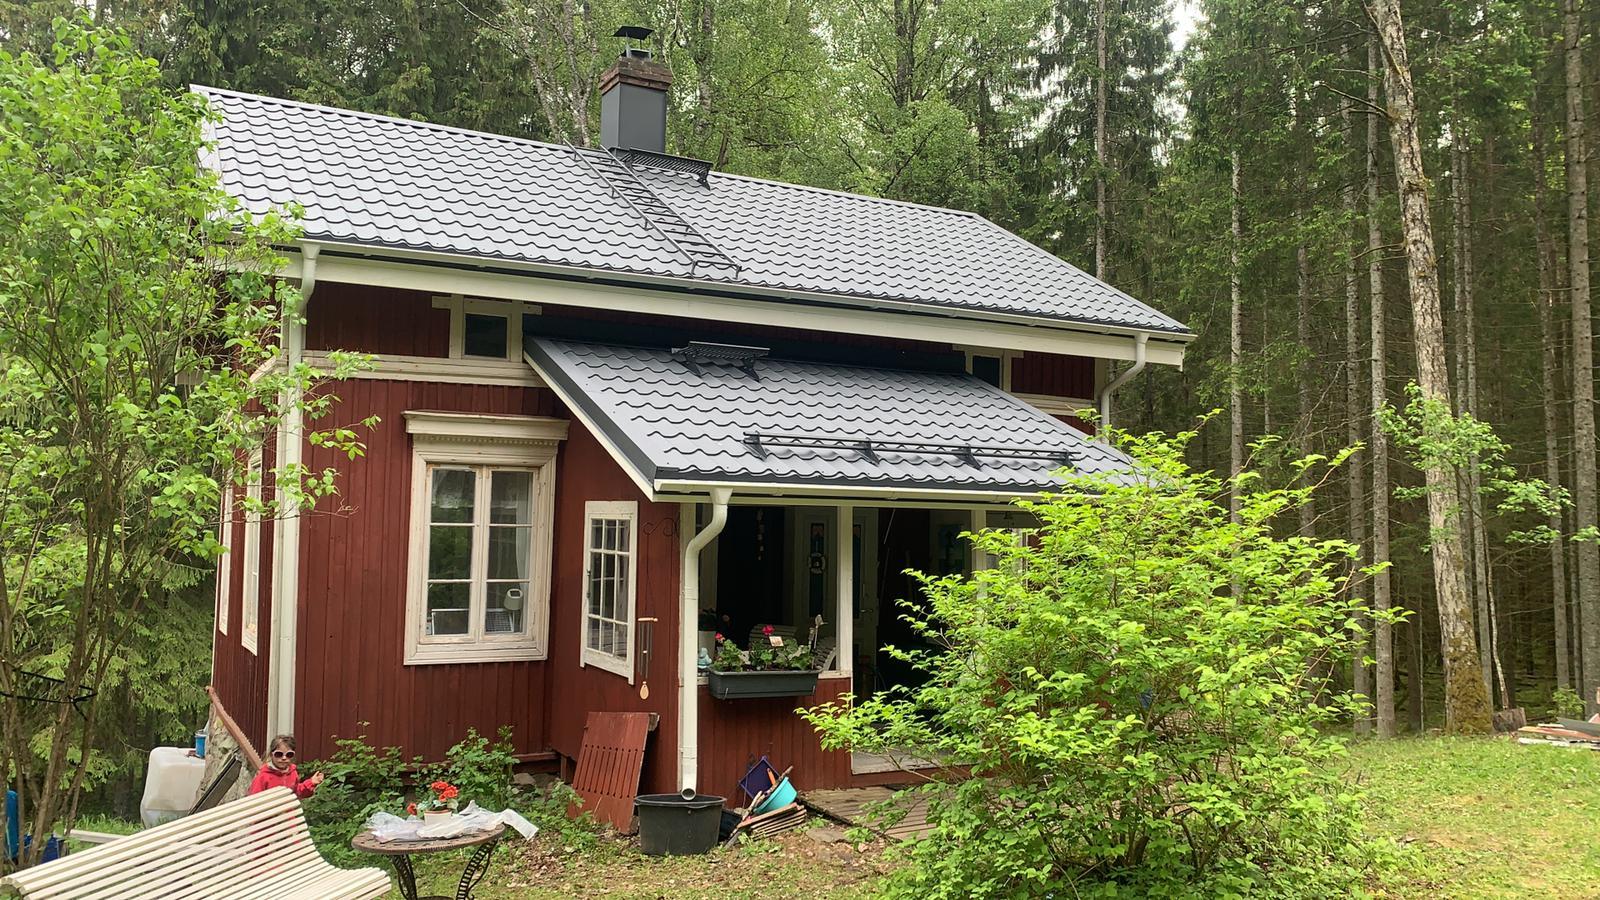 Plekkkatusega majakene Soomemaal